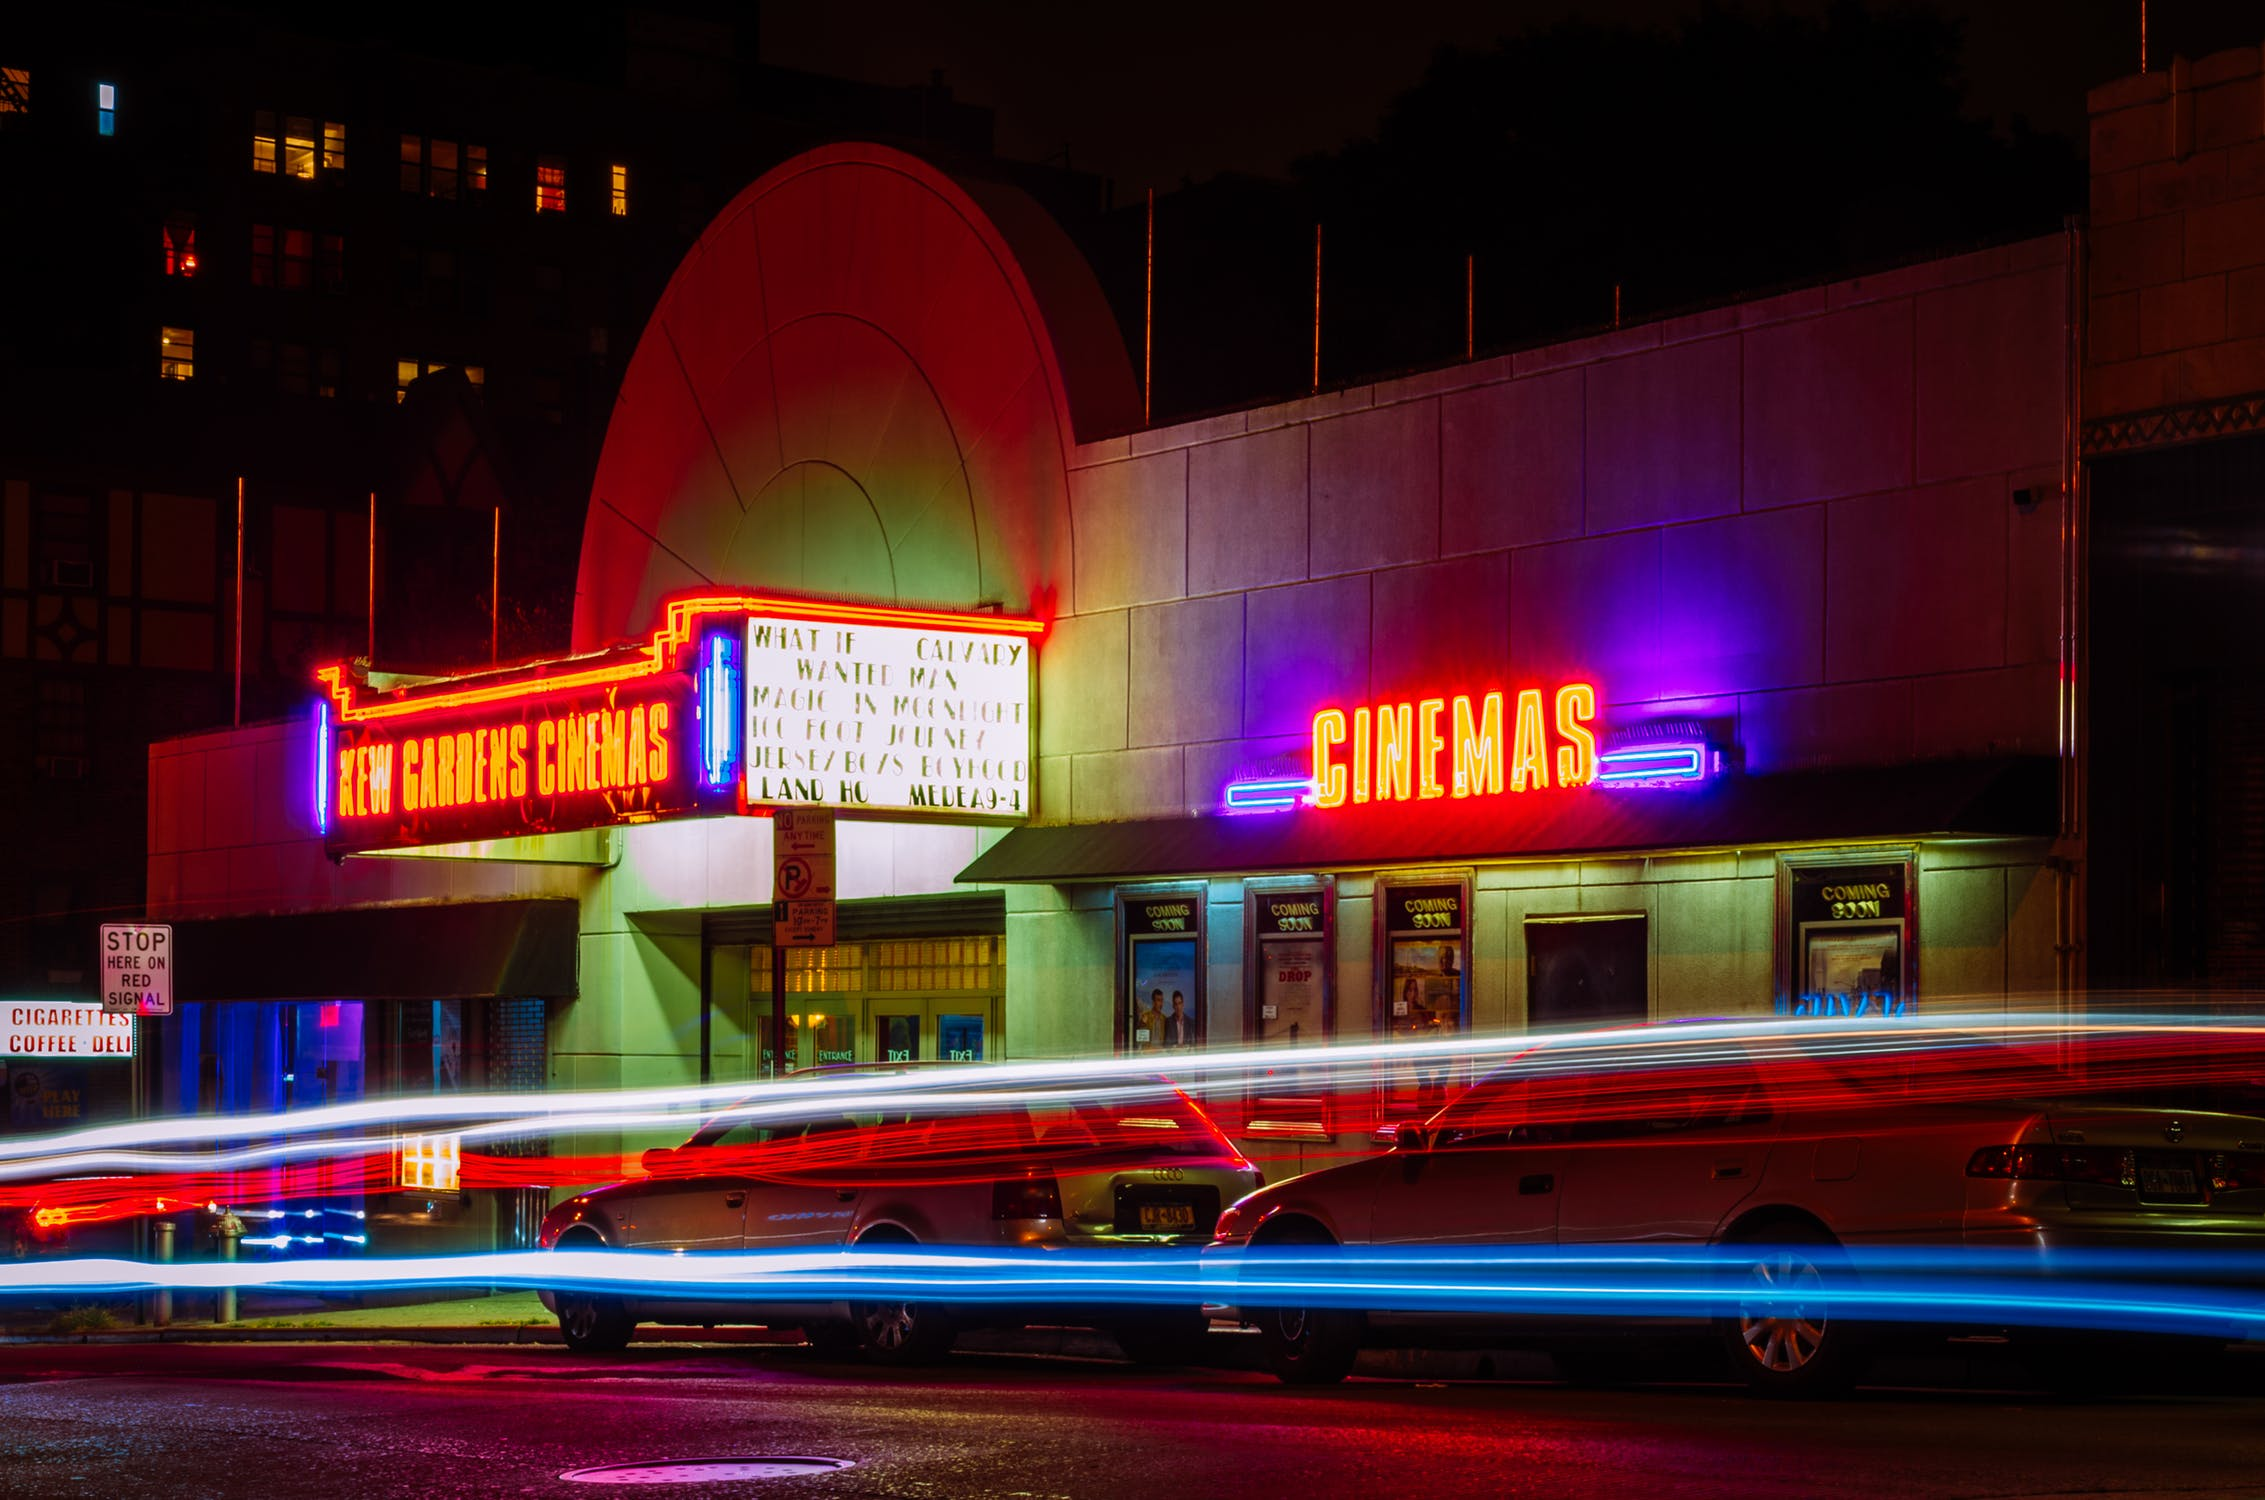 movie cinema at night